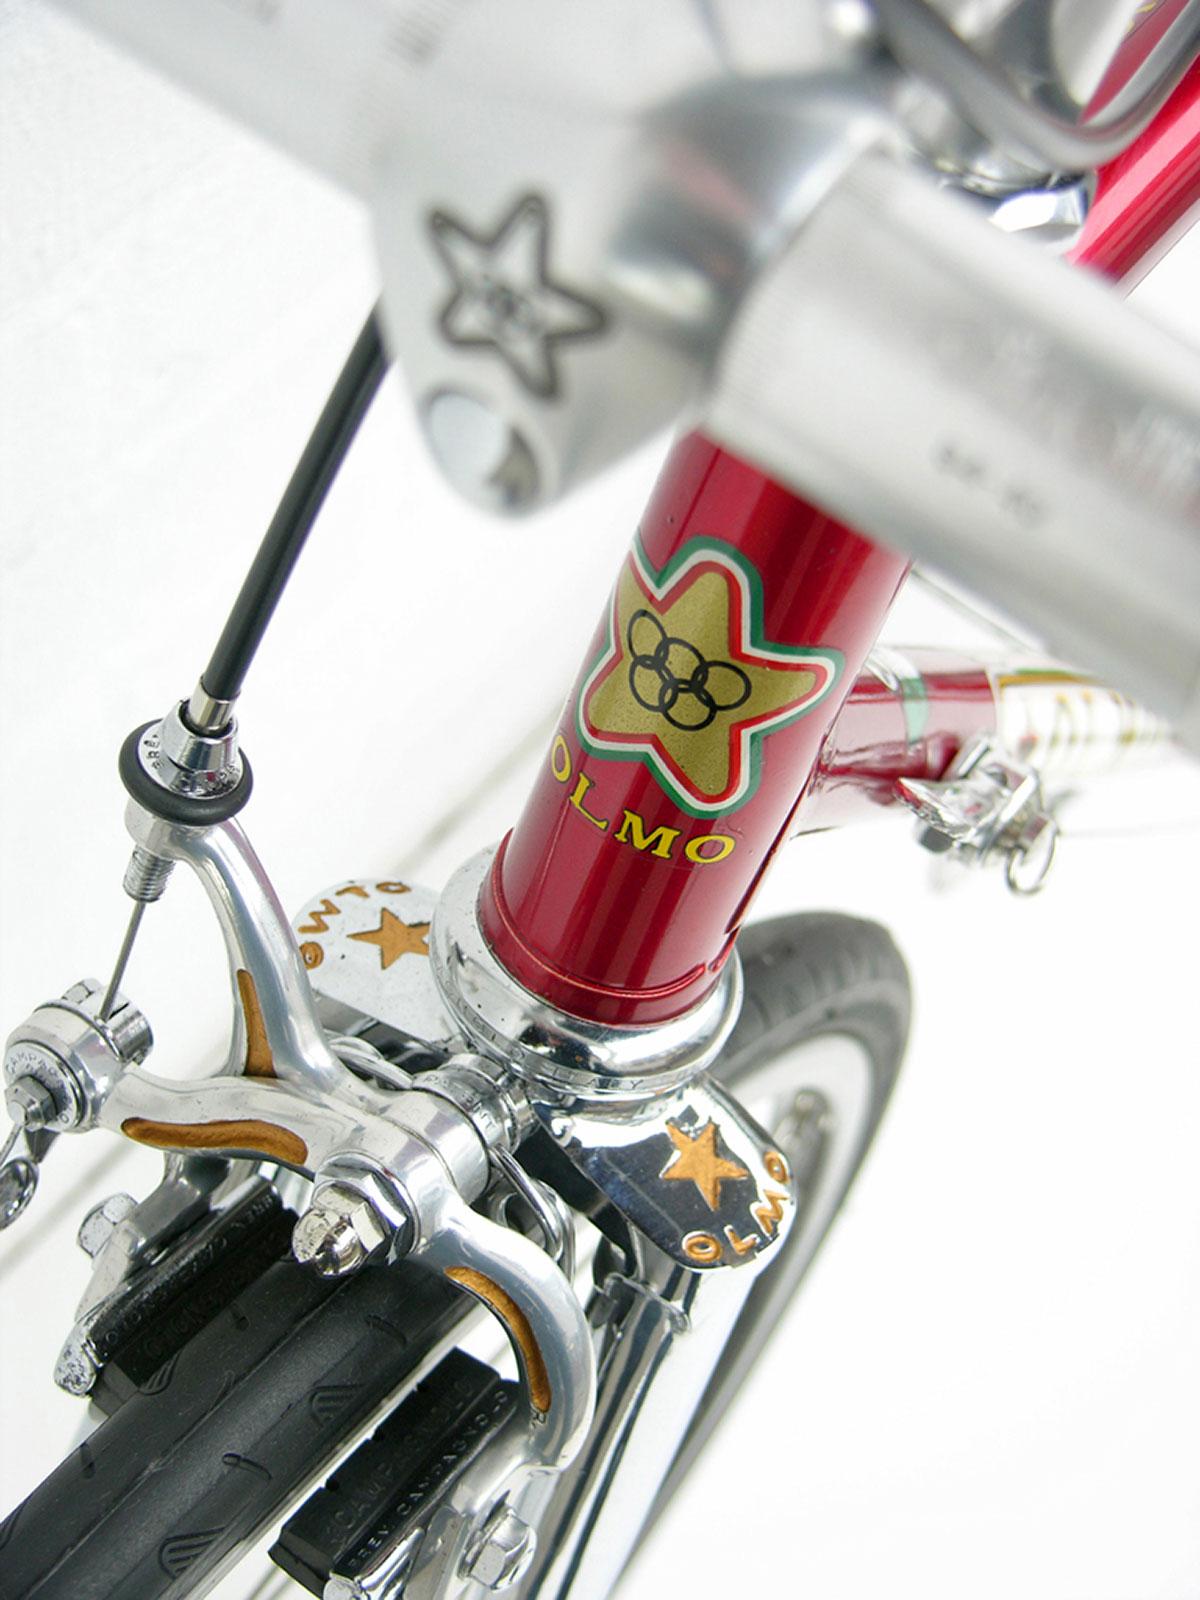 Particolare di una bicicletta Olmo